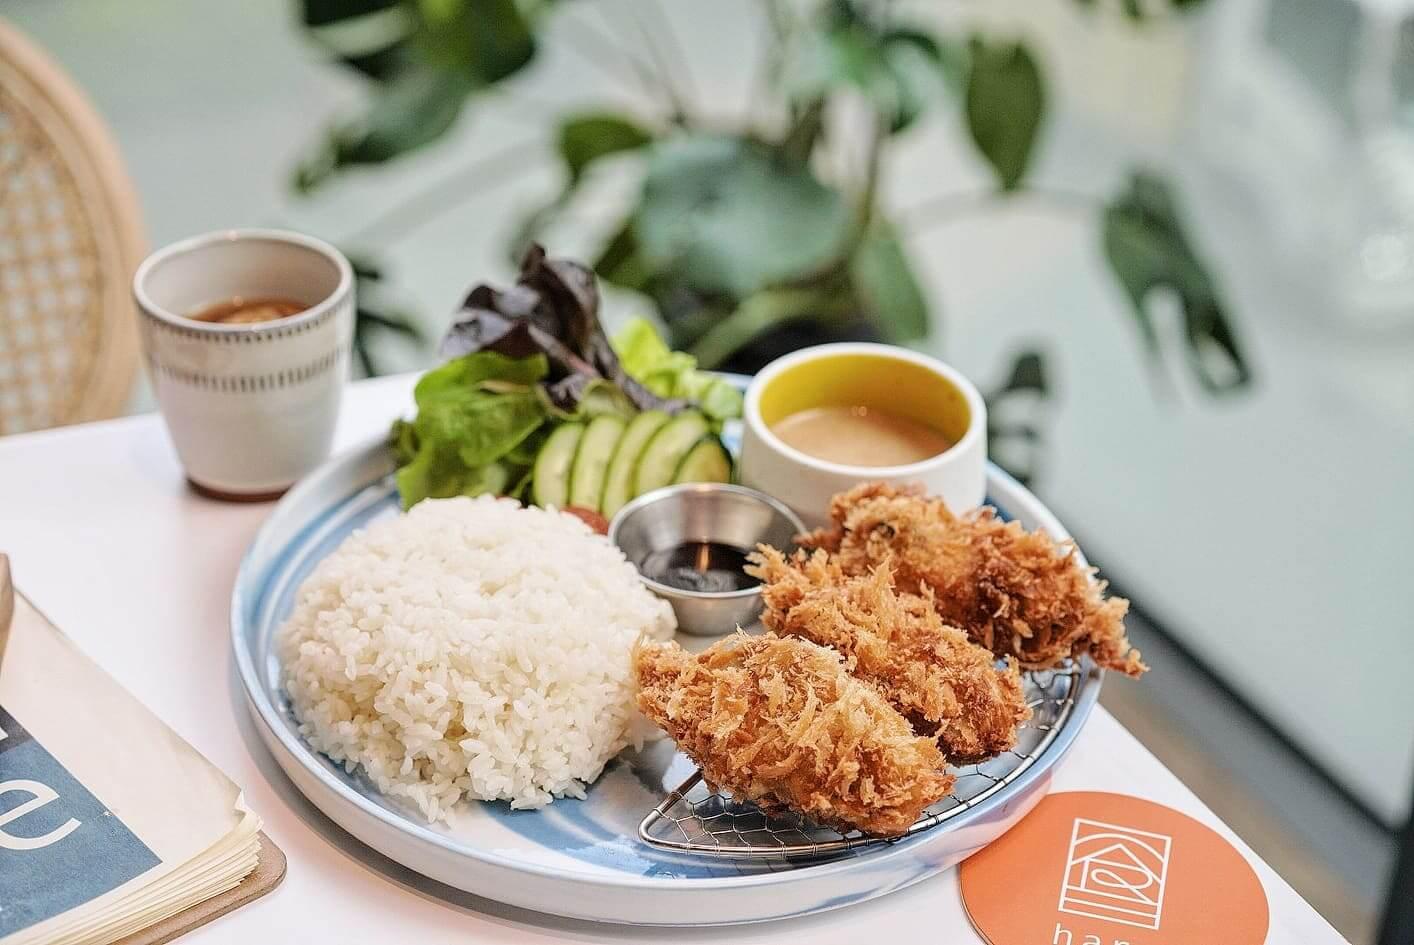 吉列廣島蠔定食 HK$88